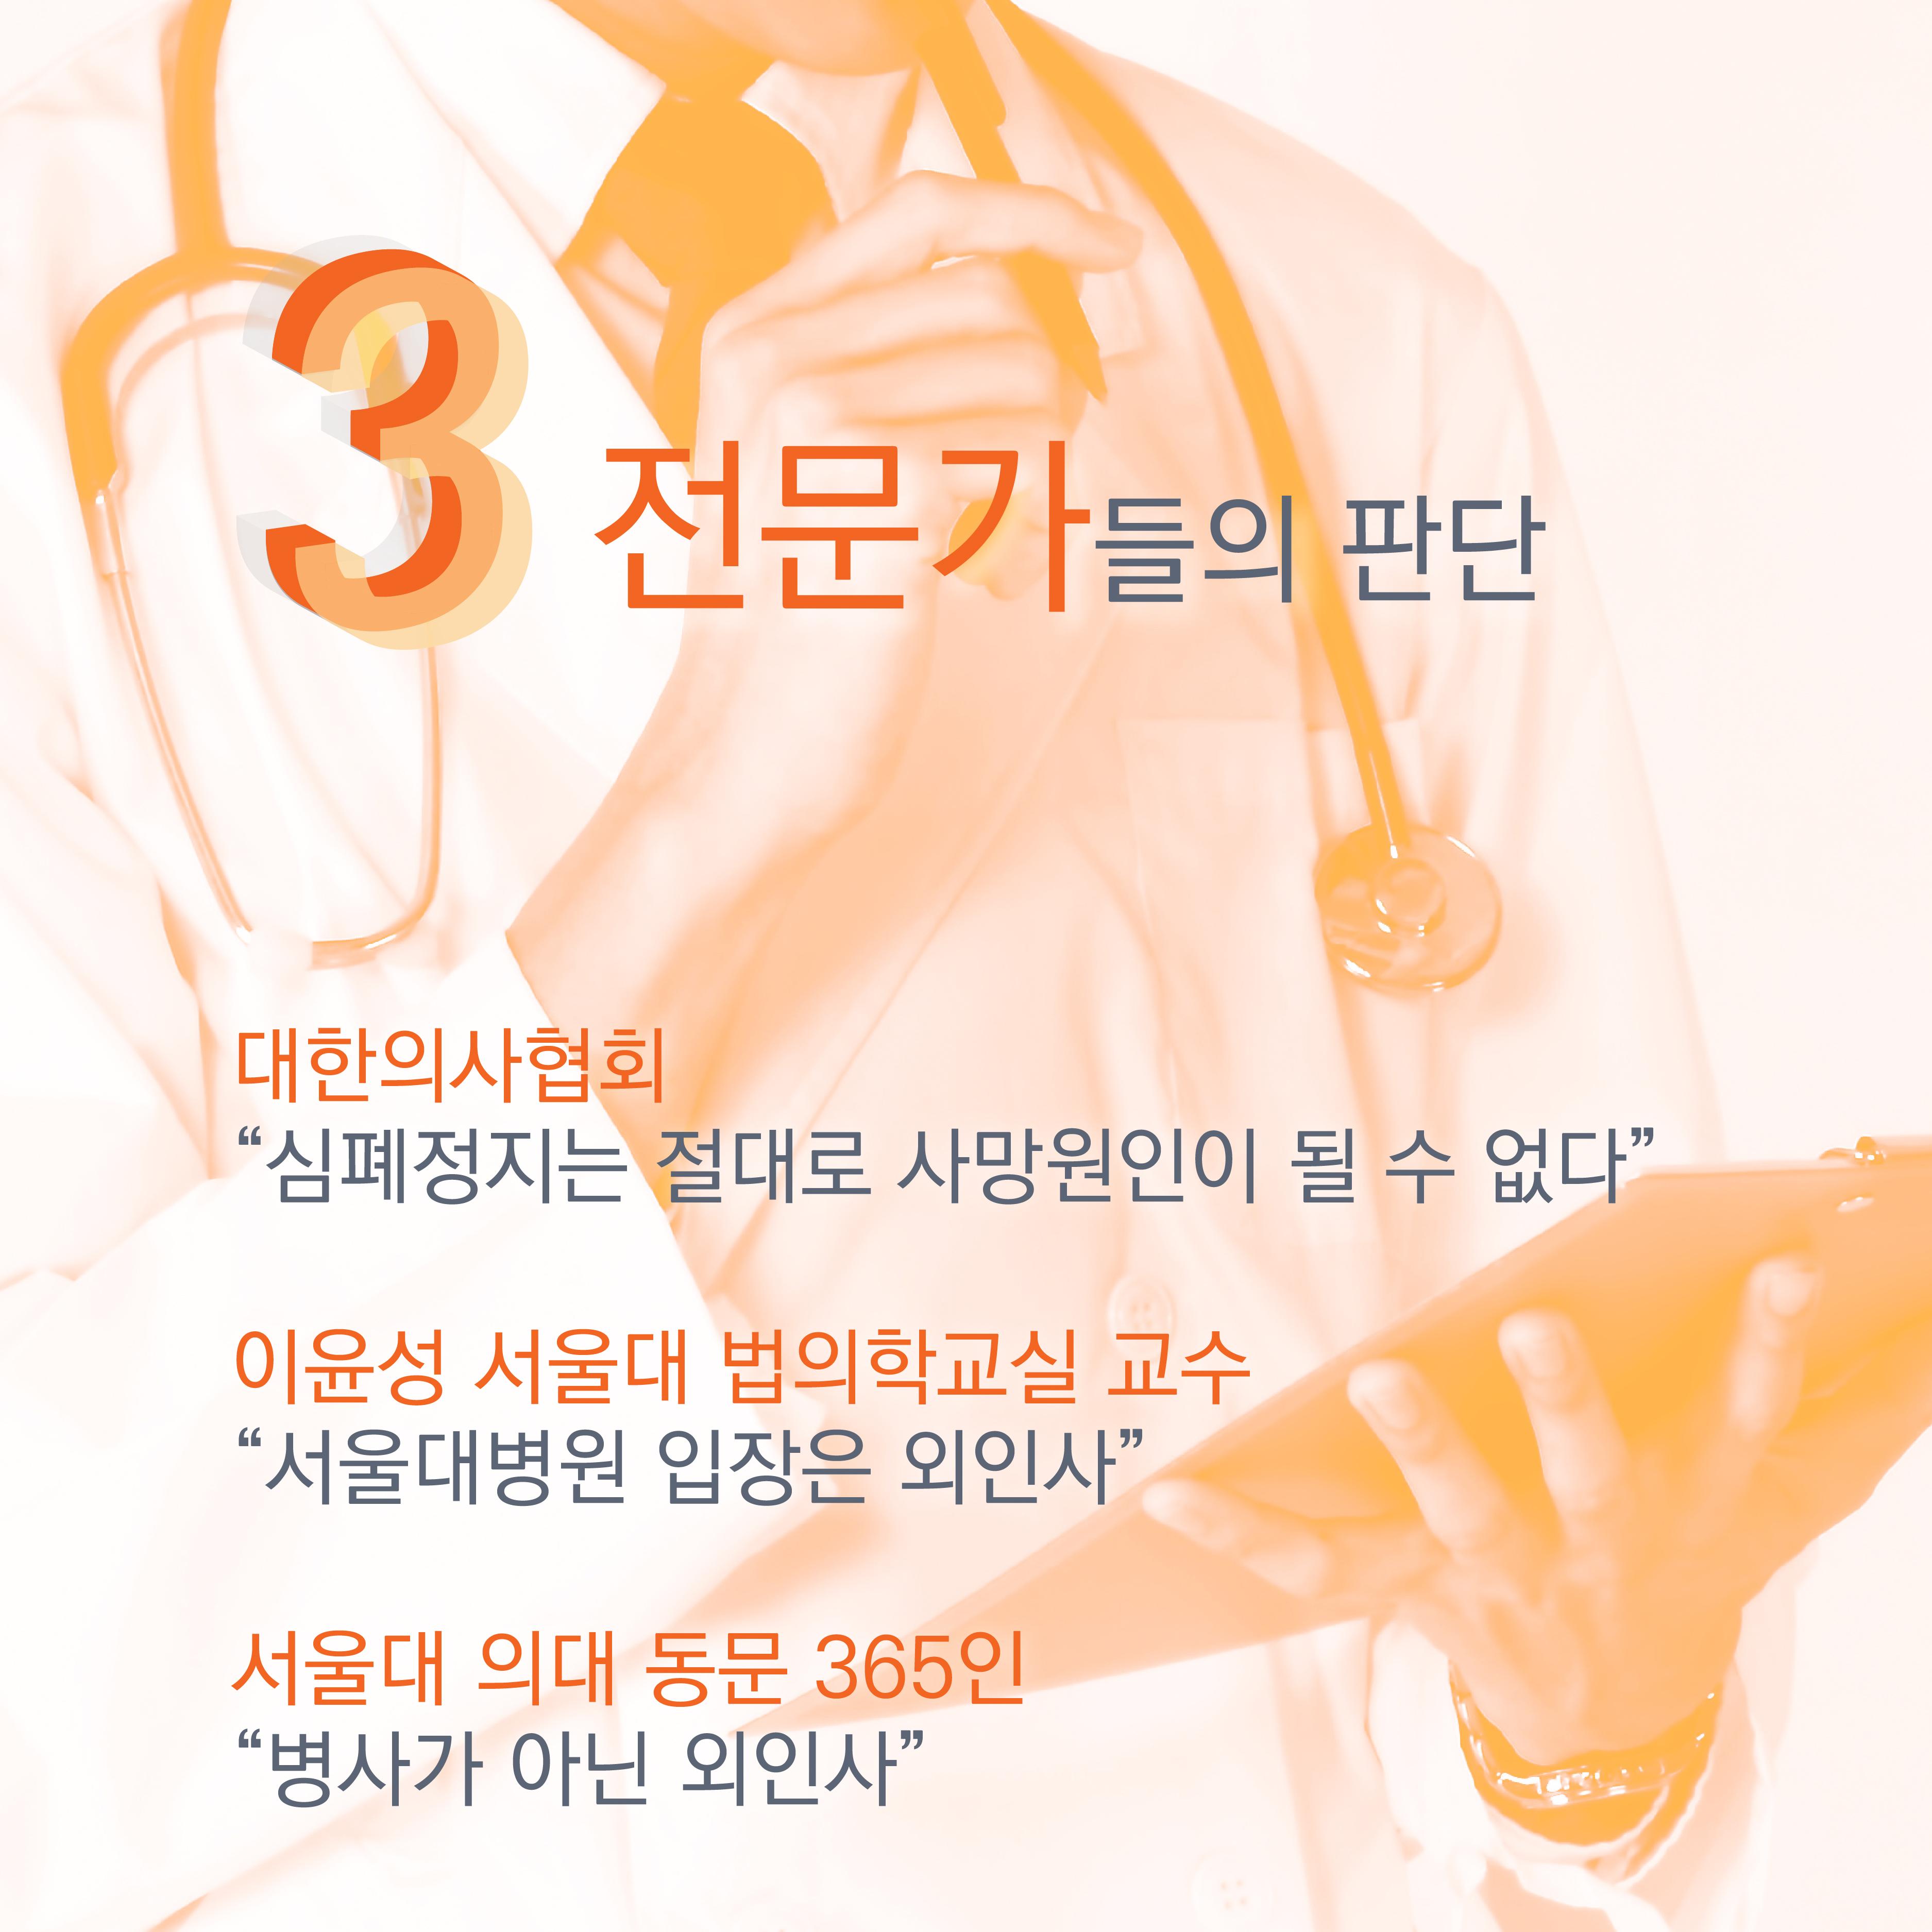 백남기 카드뉴스-09